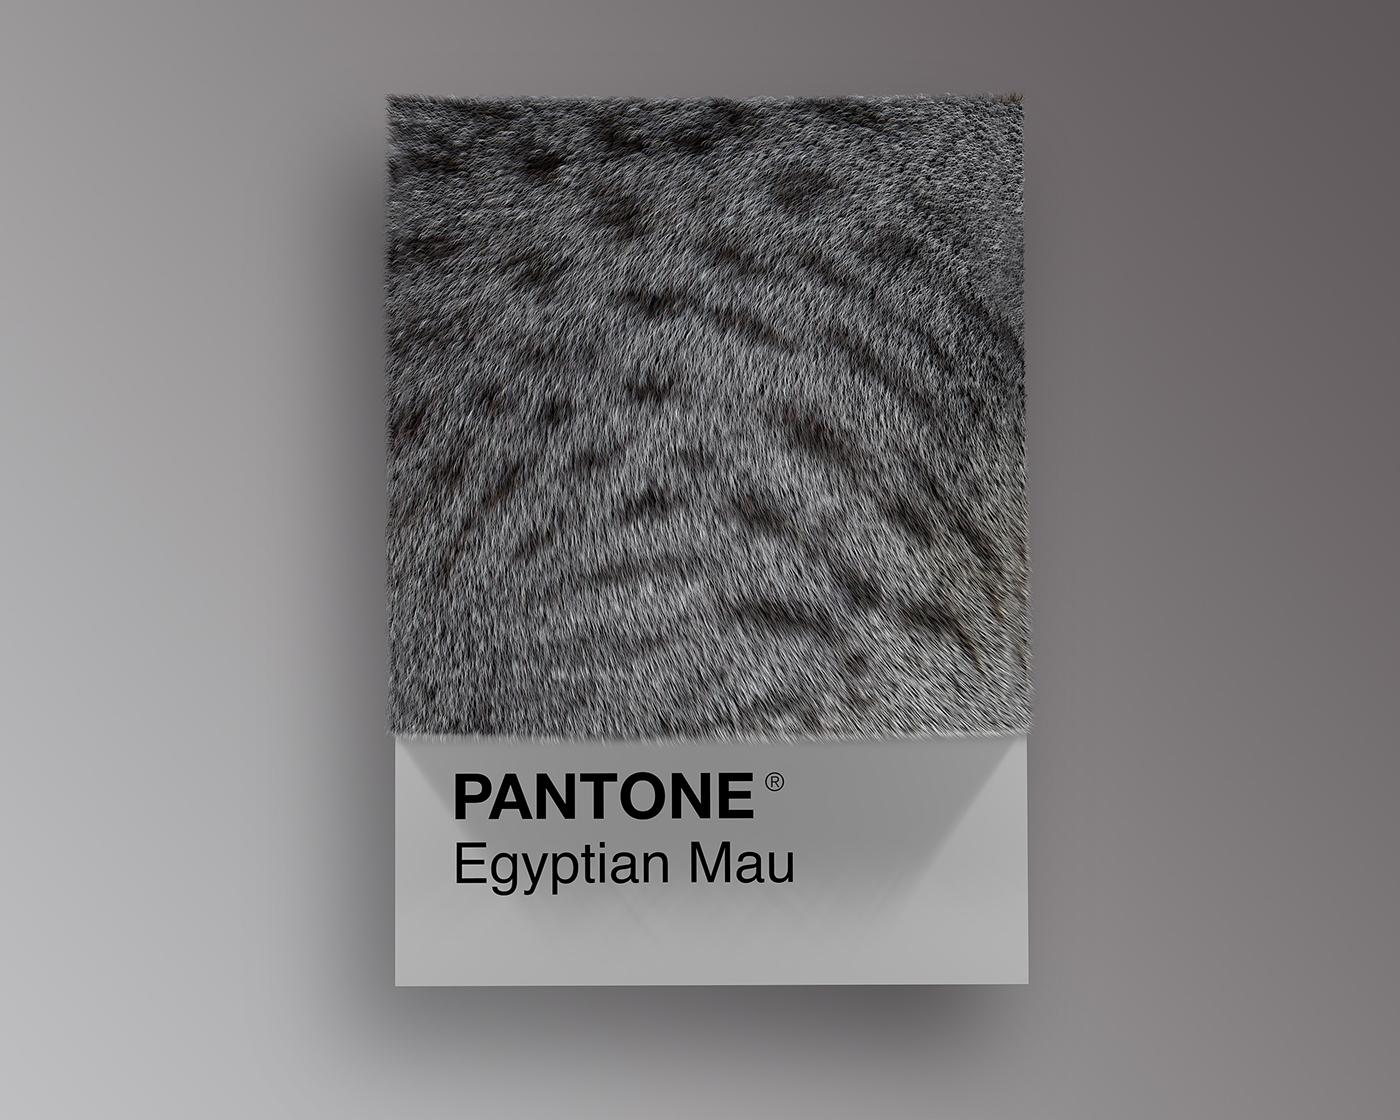 pantone,colors,3D,cats,animals,dogs,Cat,dog,persian,bengal